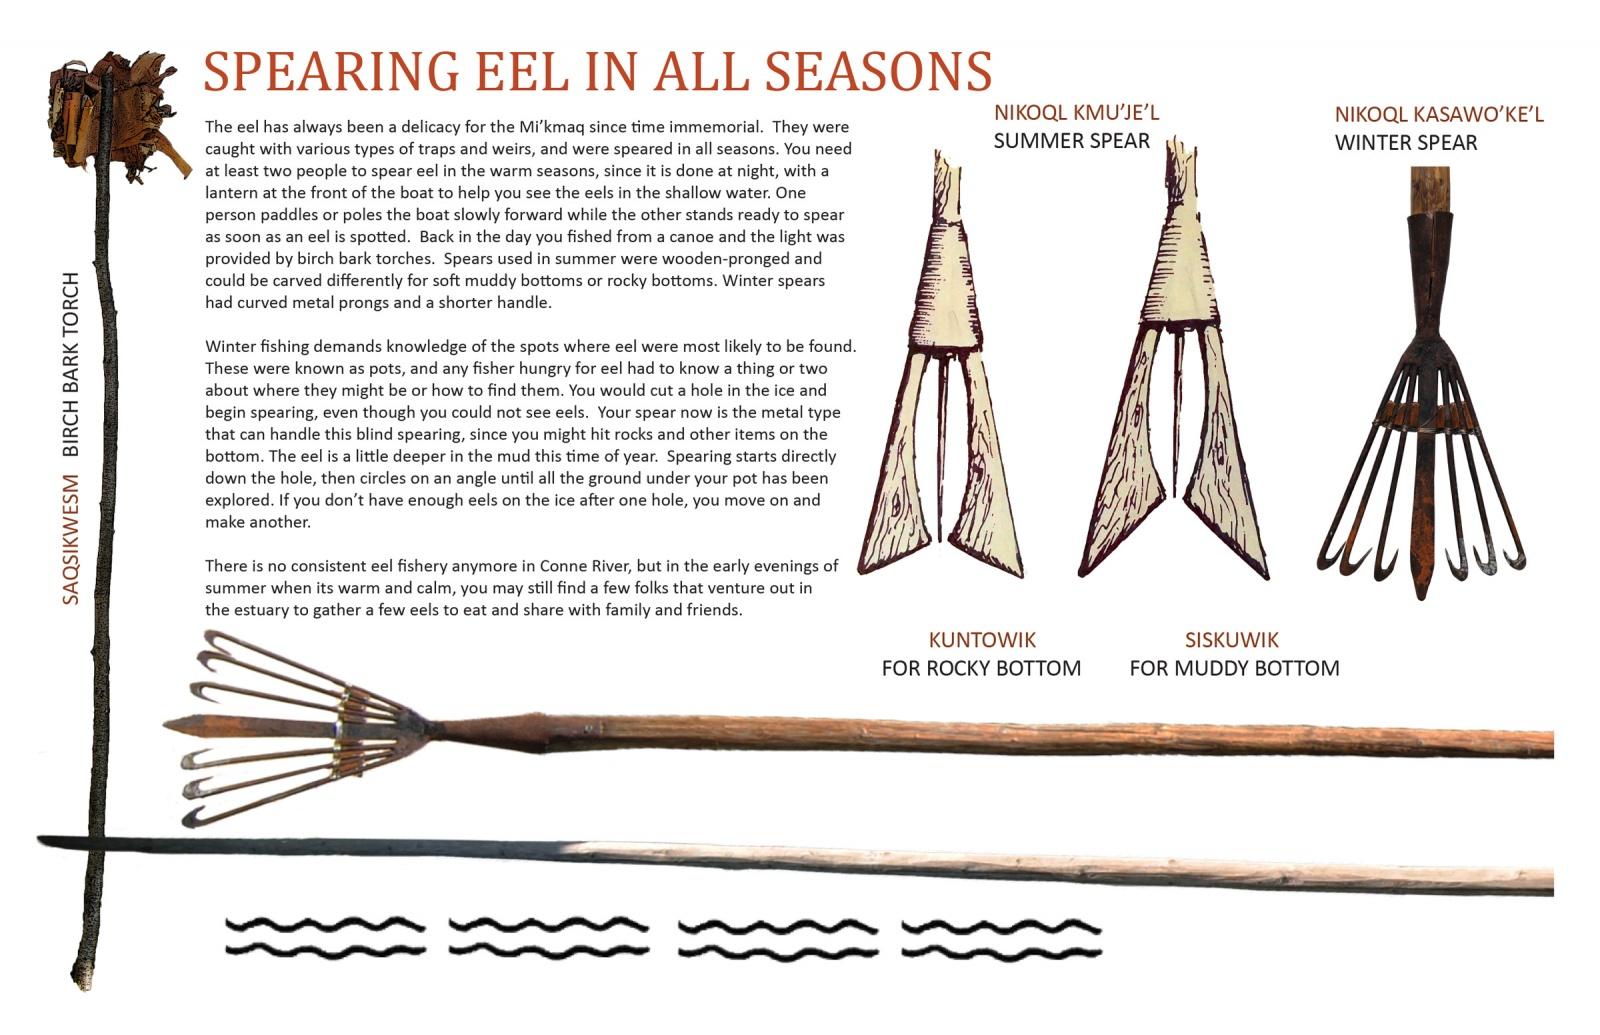 Spearing Eel in All Seasons